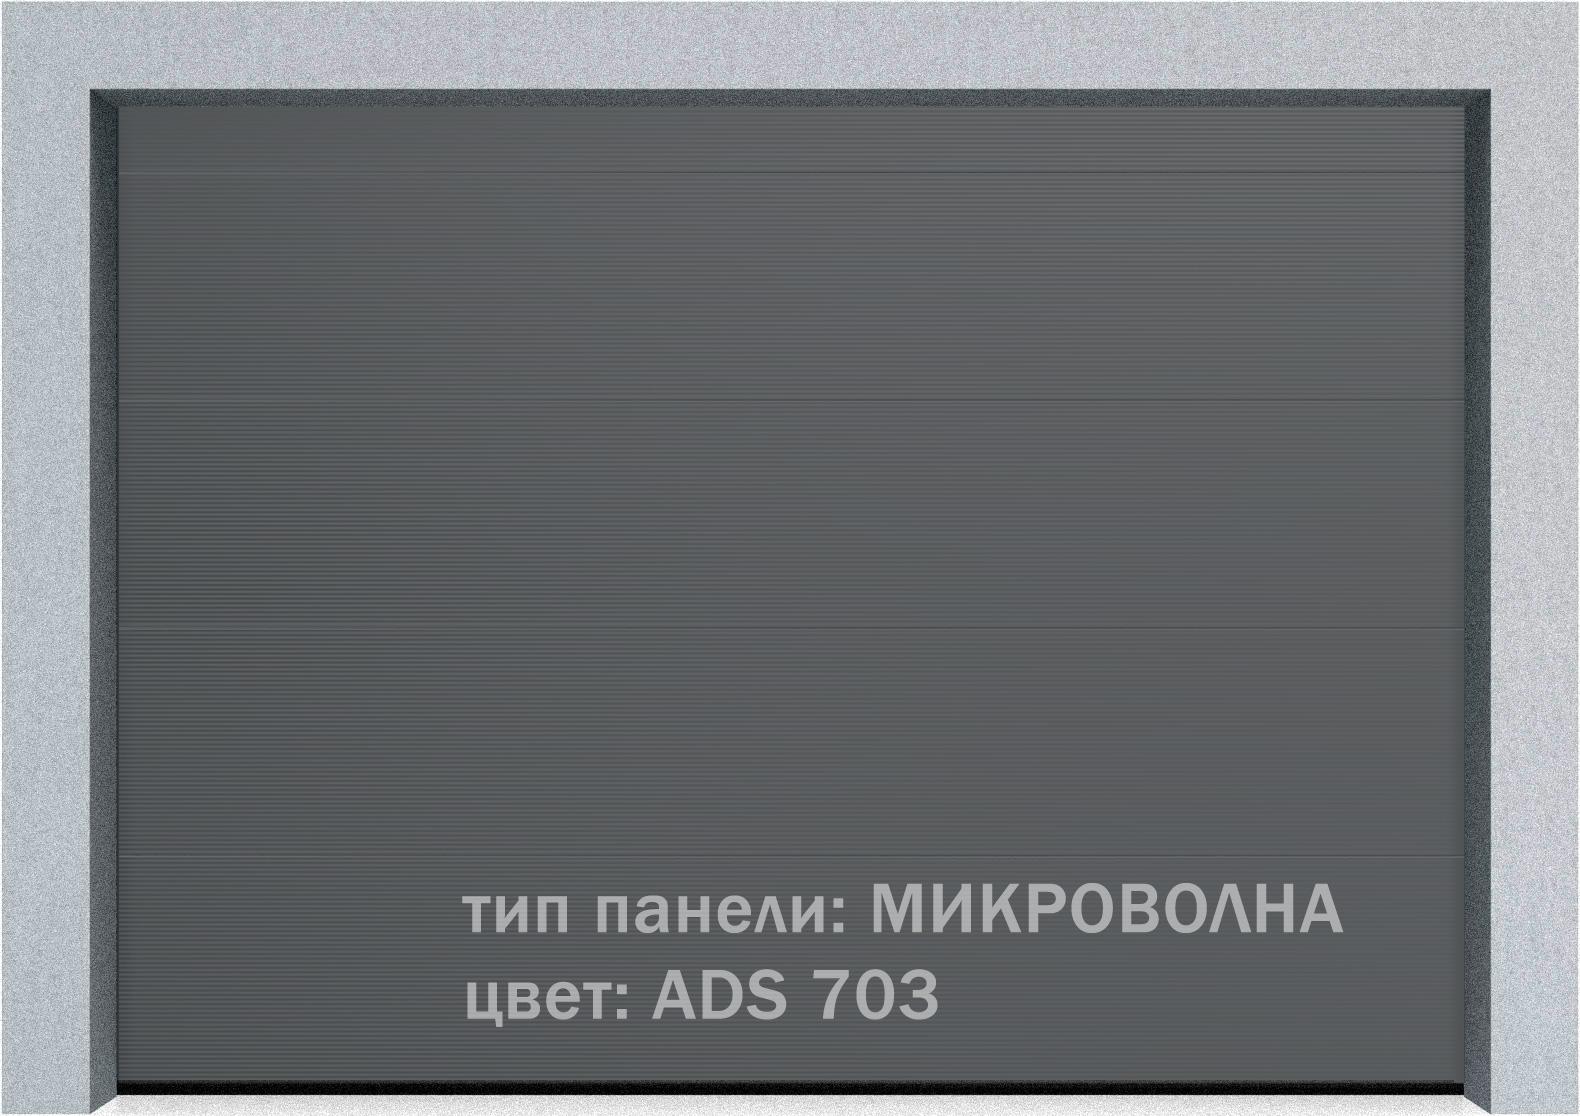 Секционные промышленные ворота Alutech ProTrend 1750х2500 S-гофр, Микроволна стандартные цвета, фото 20